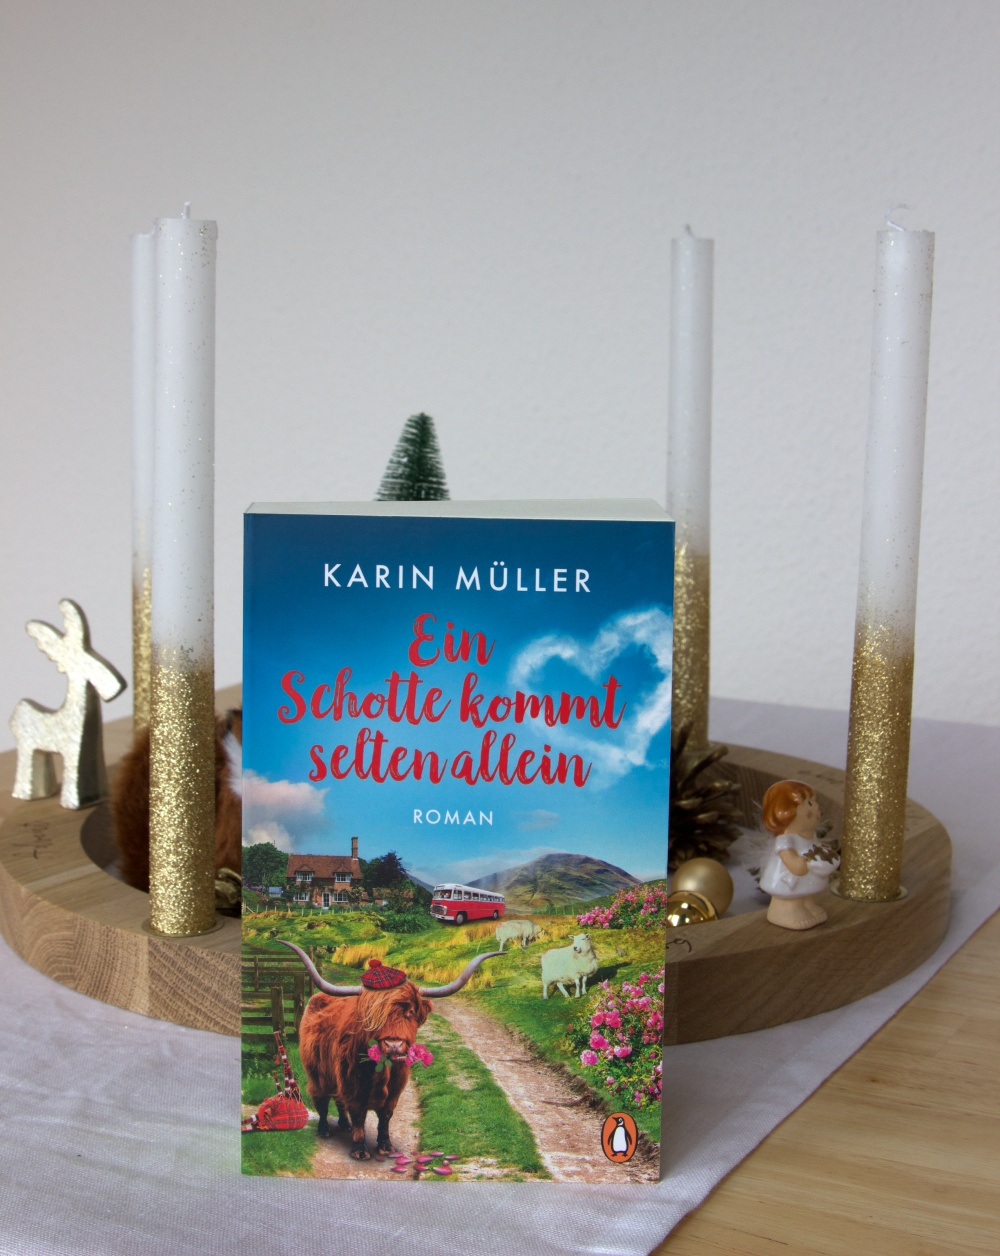 Ein Schotte kommt selten allein von Karin Müller